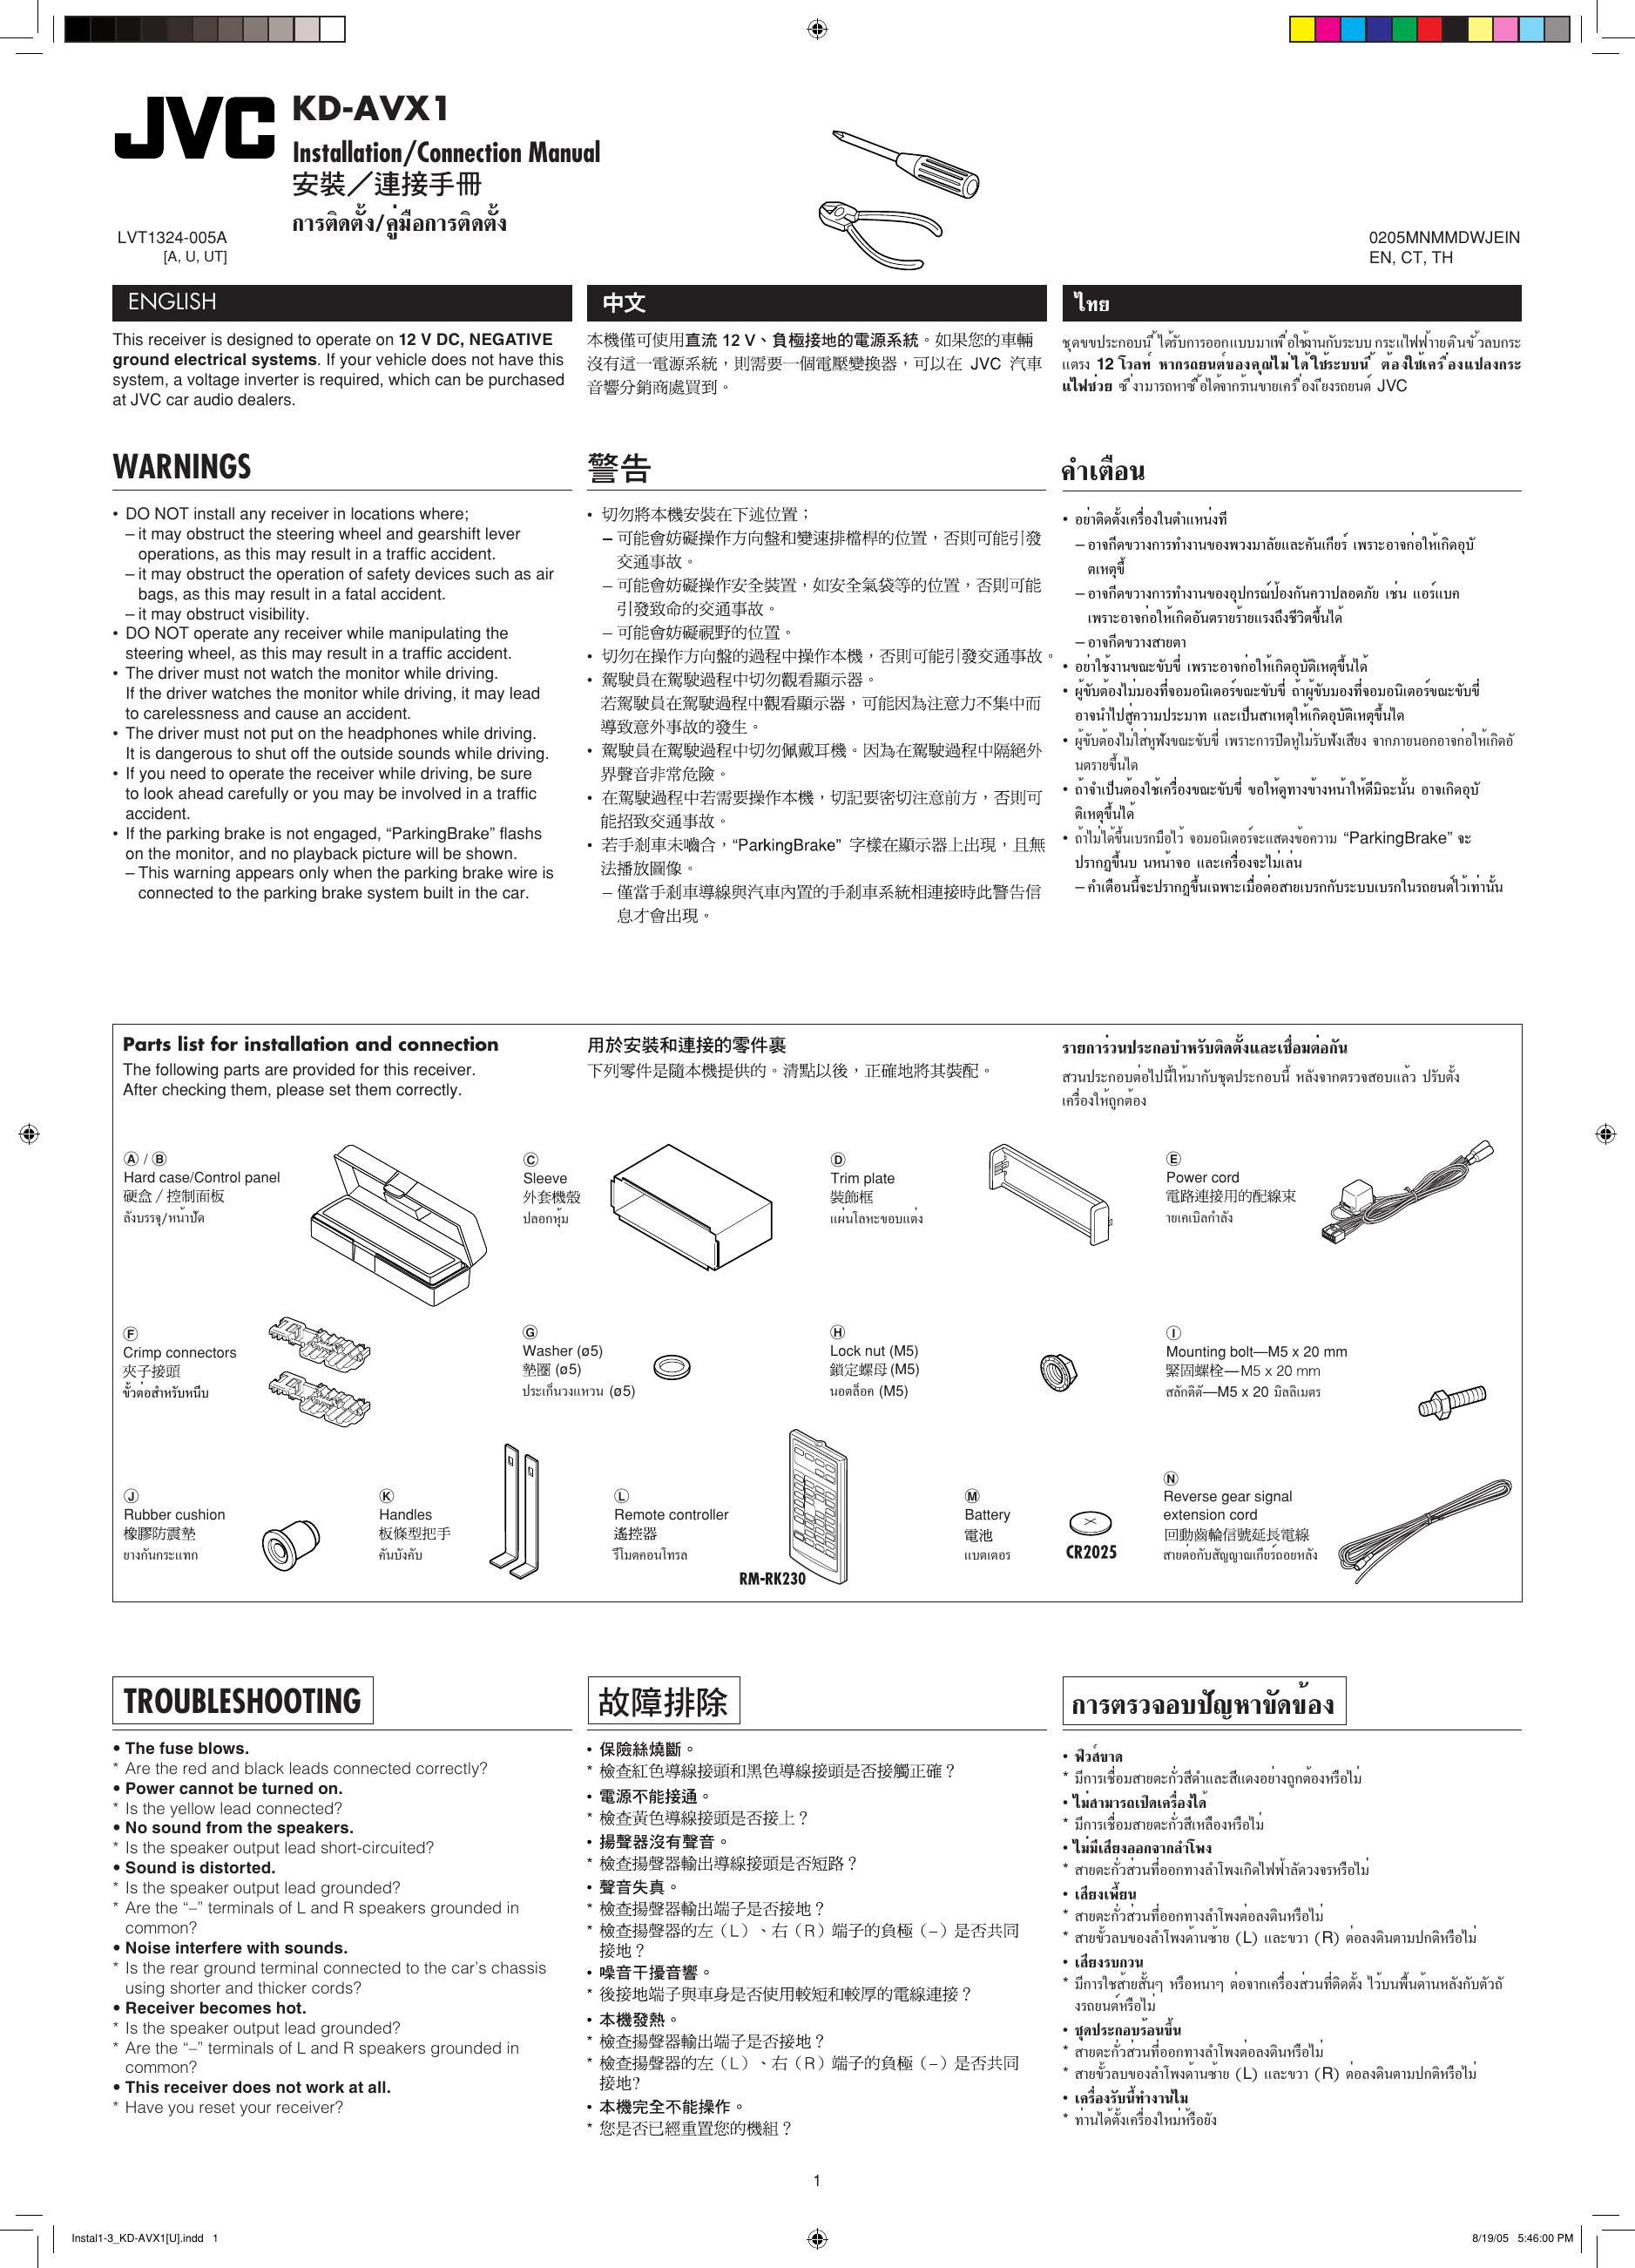 Jvc Kd Avx1 Wiring Diagram | Wiring Schematic Diagram Jvc Kd Avx Wiring Diagram on jvc kd r320 wiring harness, jvc kd car stereo wiring harness, jvc kd r330 wire diagram, jvc kd s26 wiring harness, jvc kd check wiring,